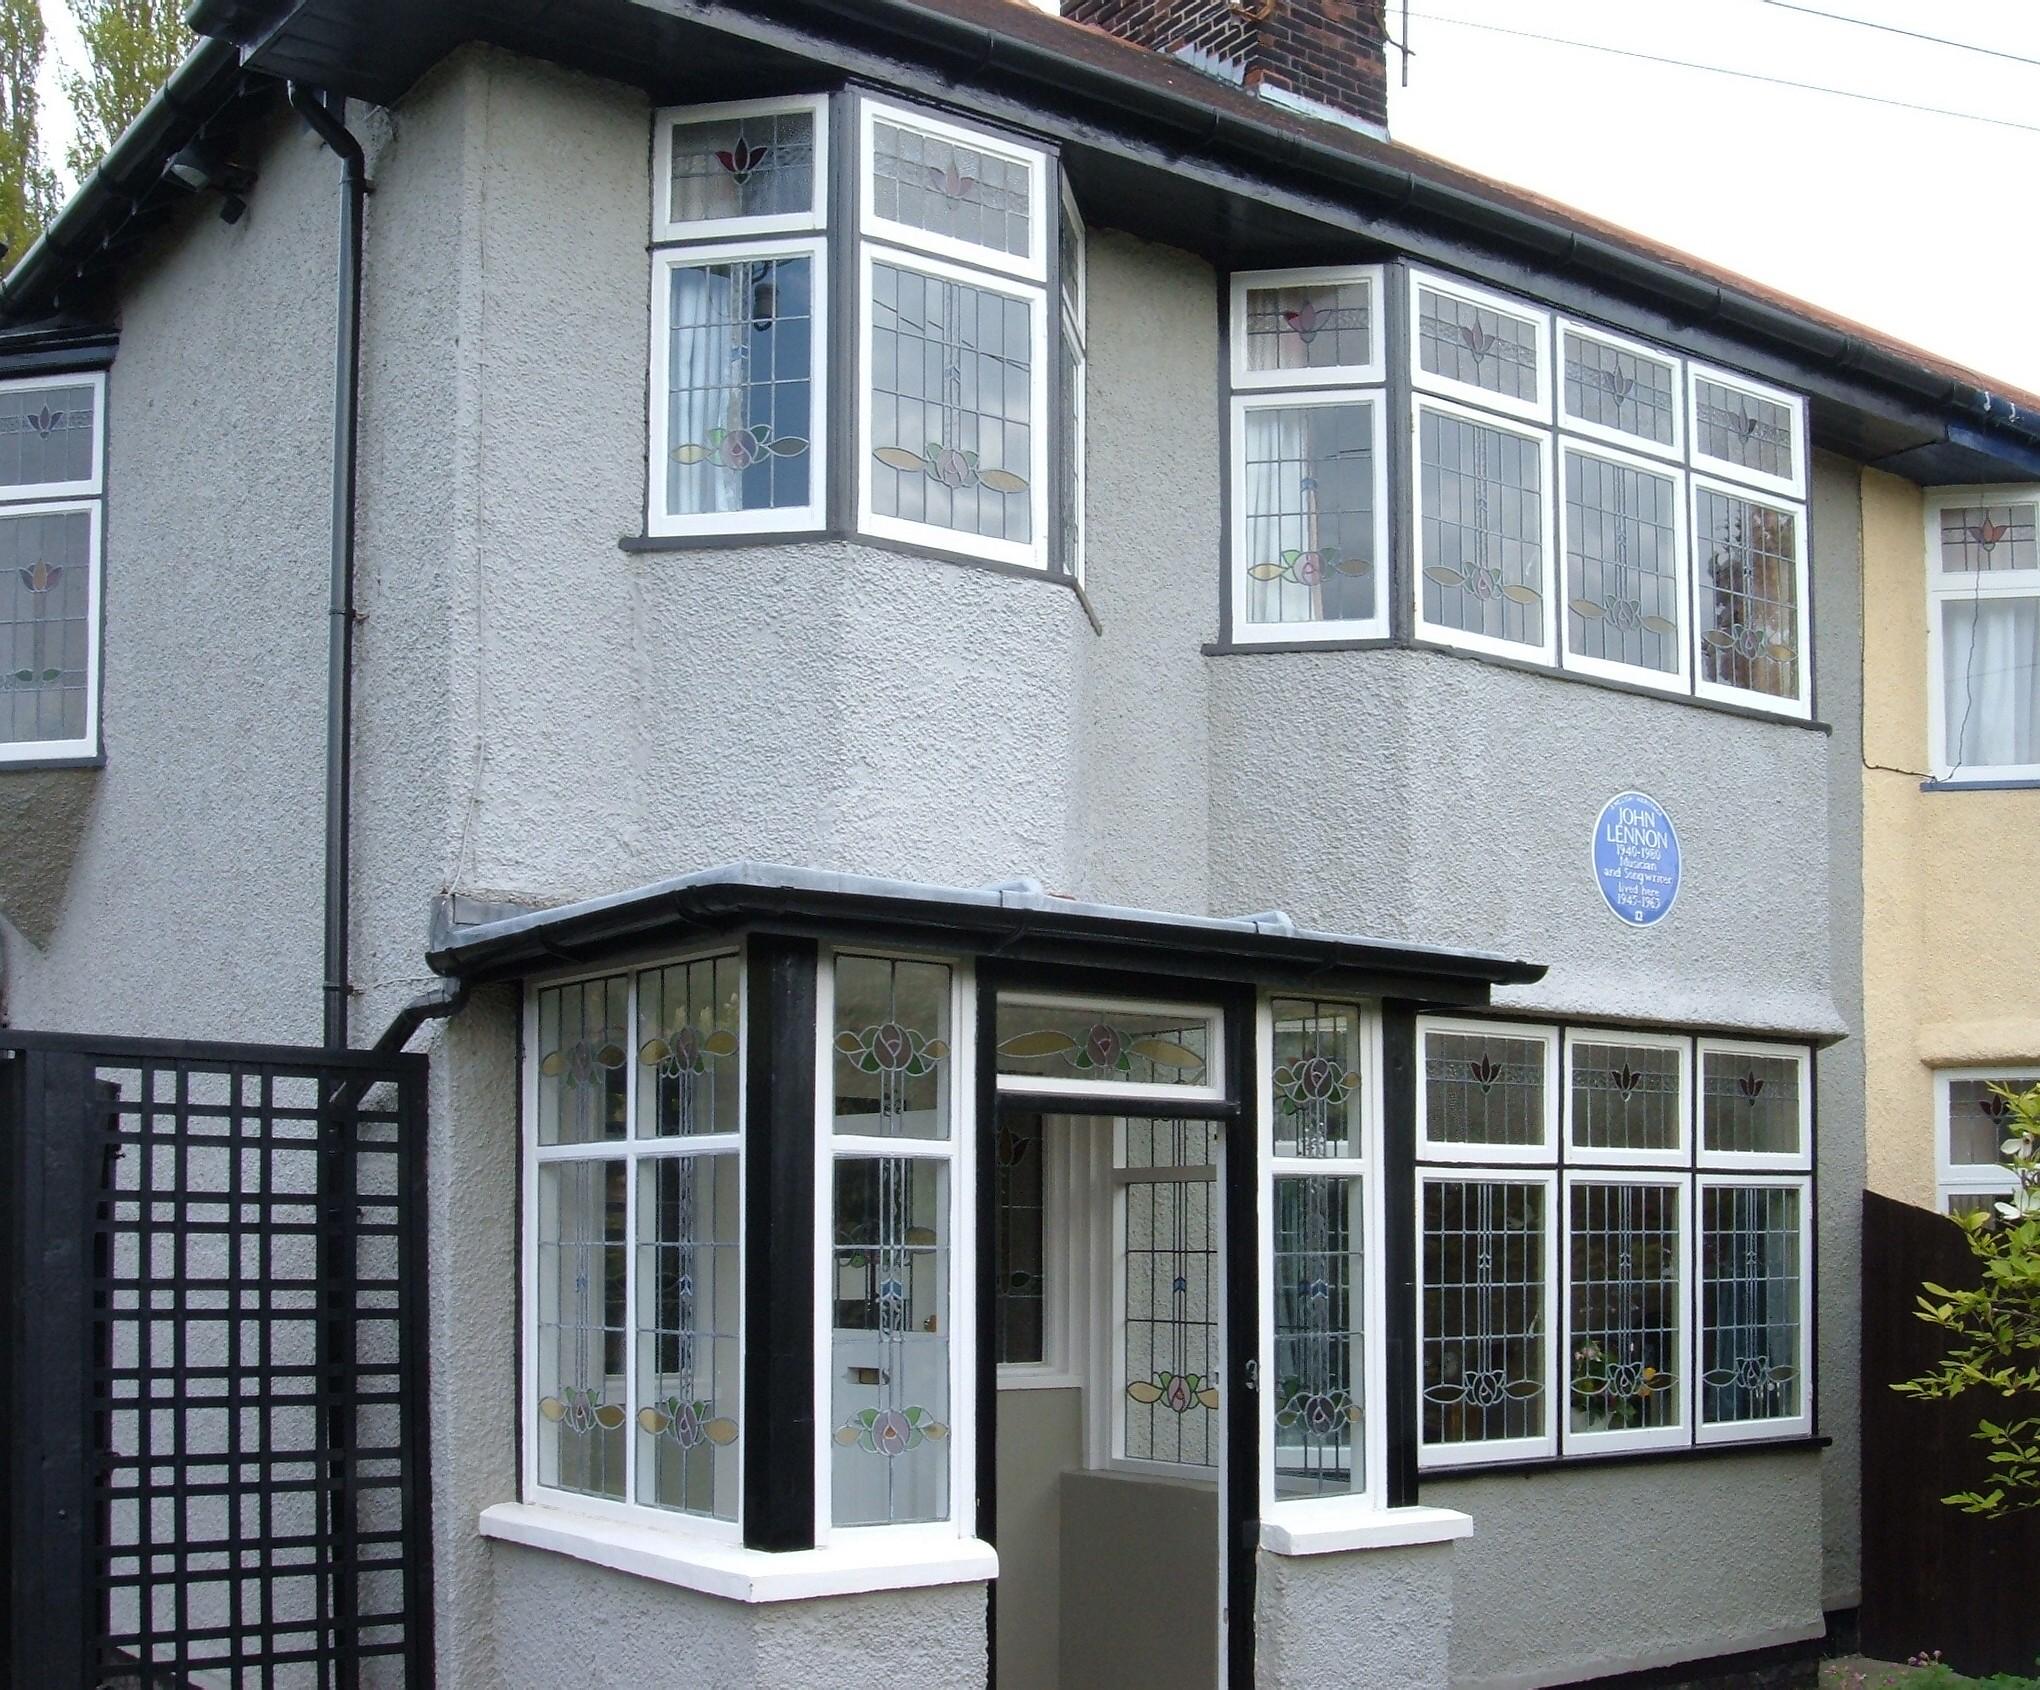 Mendips, la casa de George y Mimi Smith, donde Lennon vivió la mayor parte de su infancia y adolescencia.